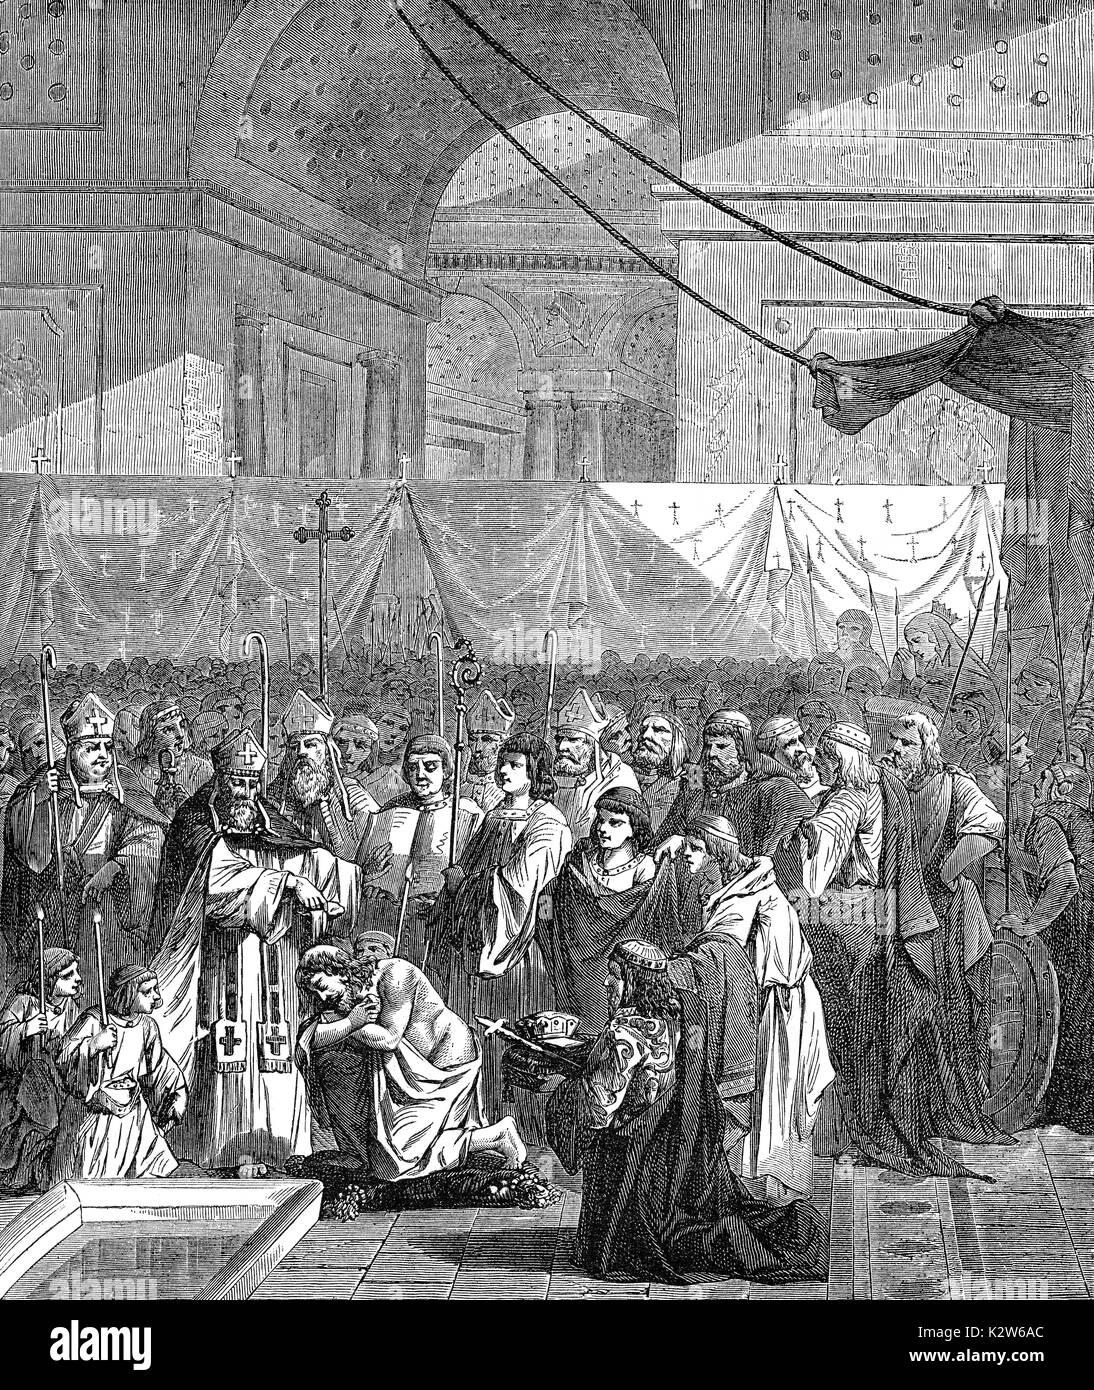 Saint Remigius baptise Clovis I, Roi des Francs, l'abbaye de Saint-Remi de Reims, le 25 décembre 496 Banque D'Images